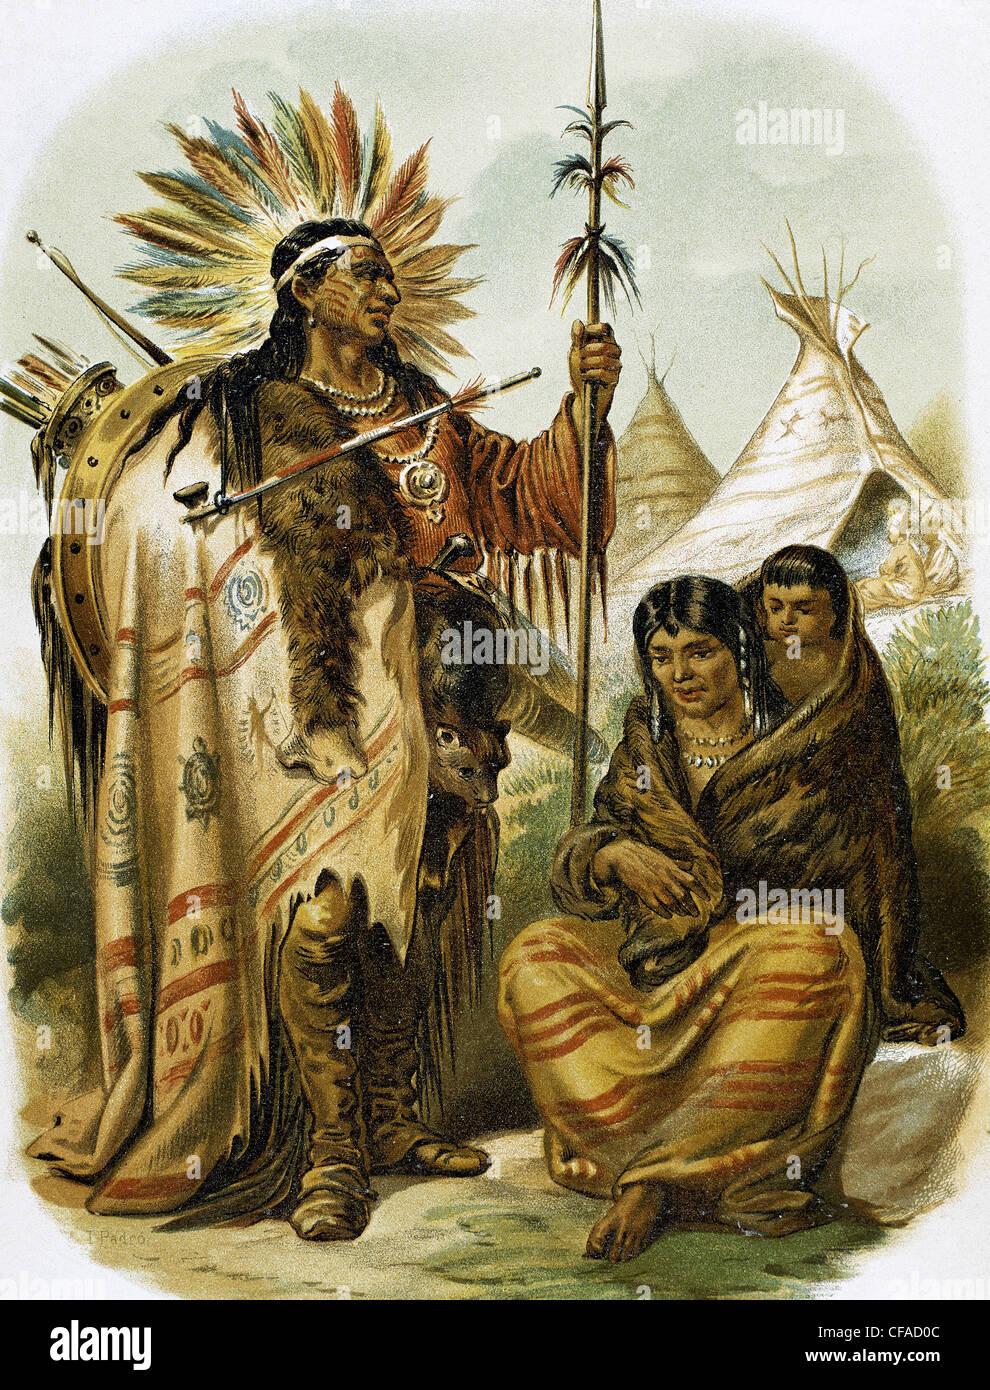 Los indios americanos. Raza roja de la India. Grabado coloreado, a finales del siglo 19. Imagen De Stock